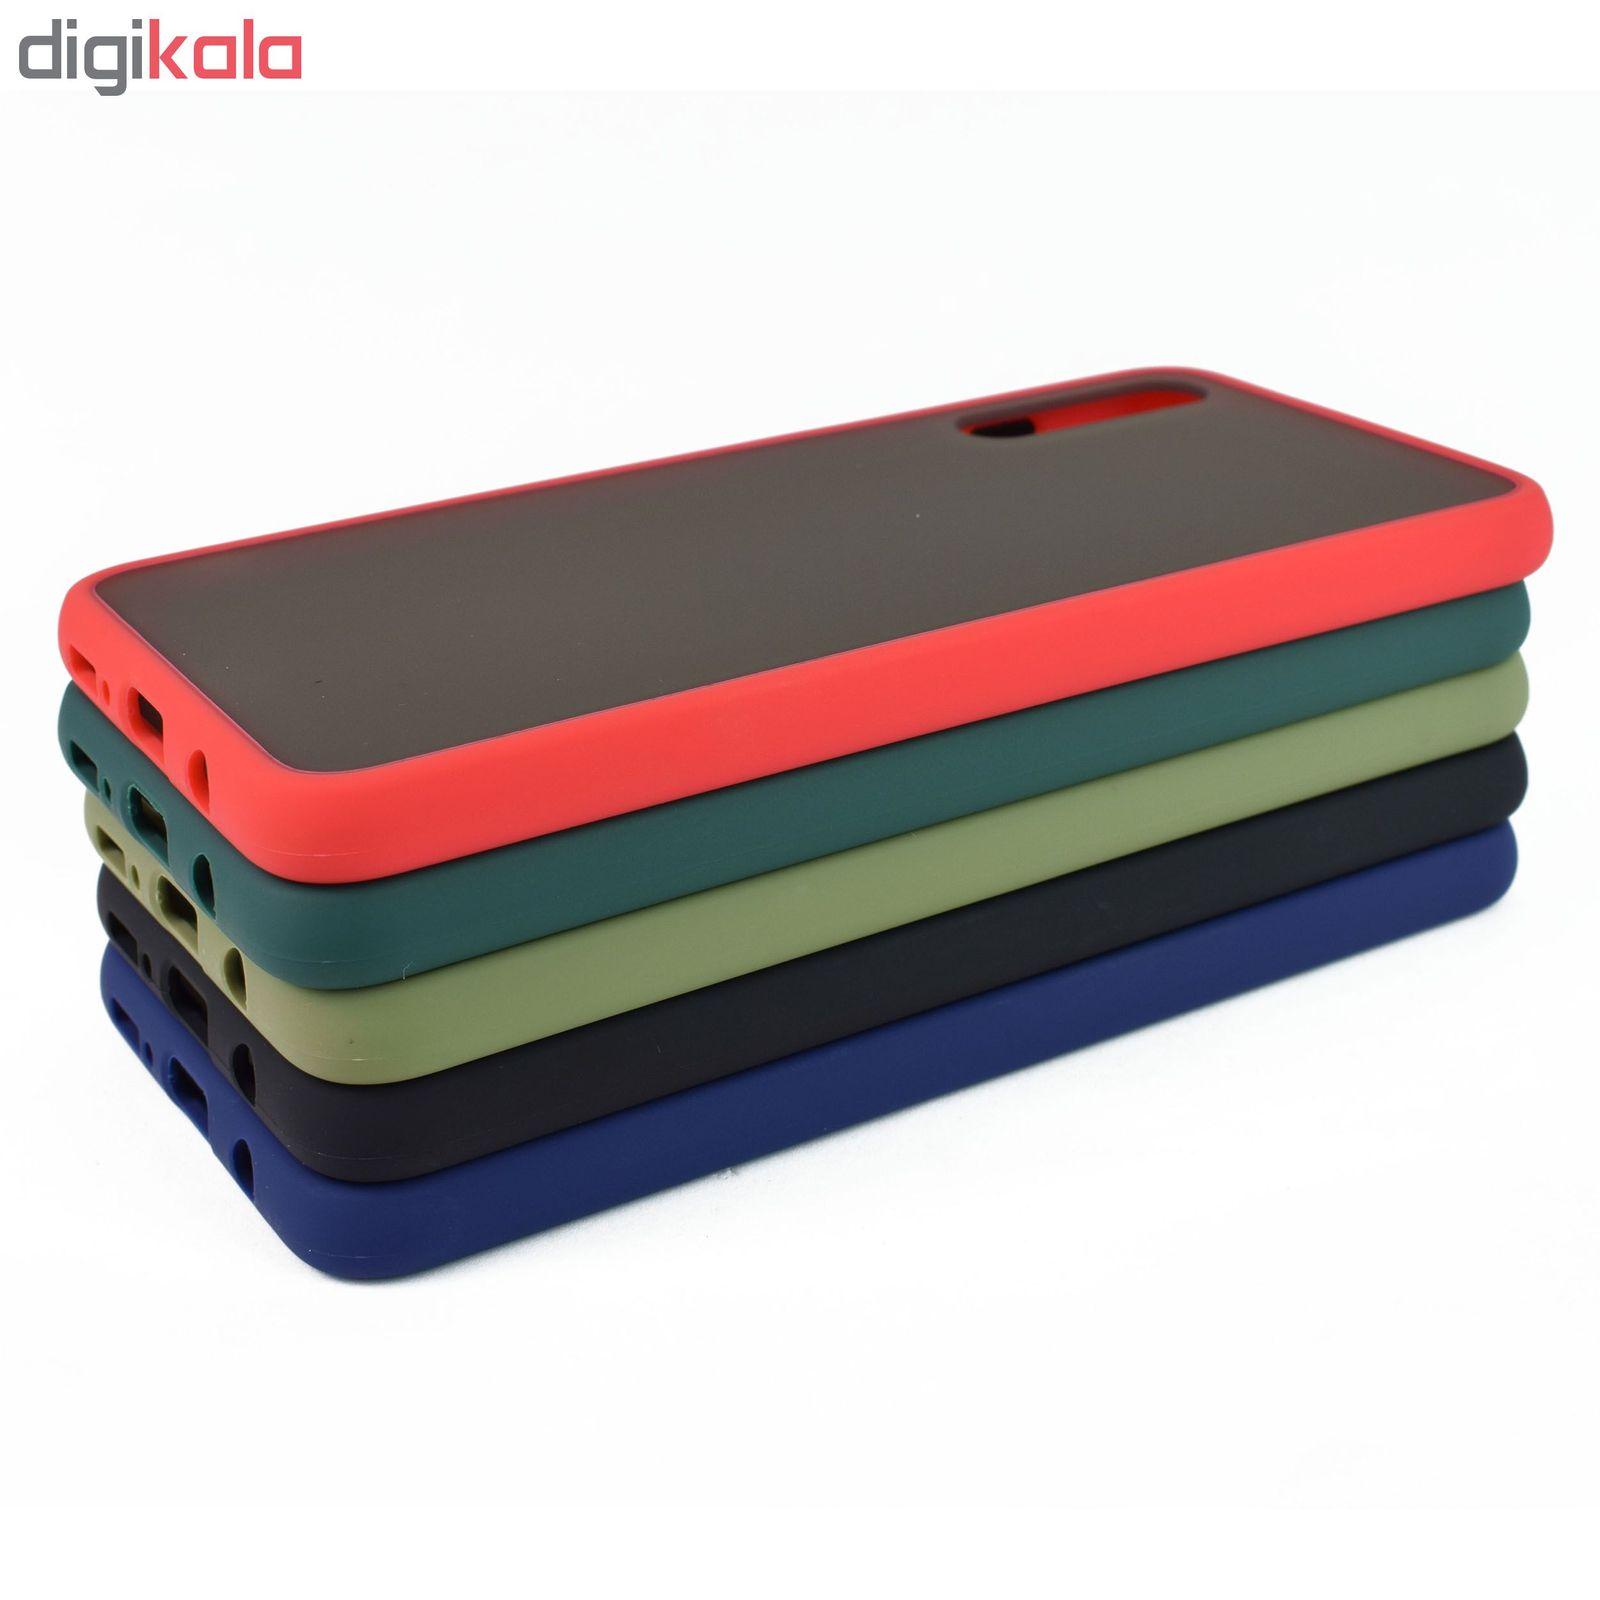 کاور مدل Slico01 مناسب برای گوشی موبایل سامسونگ Galaxy A50 main 1 2